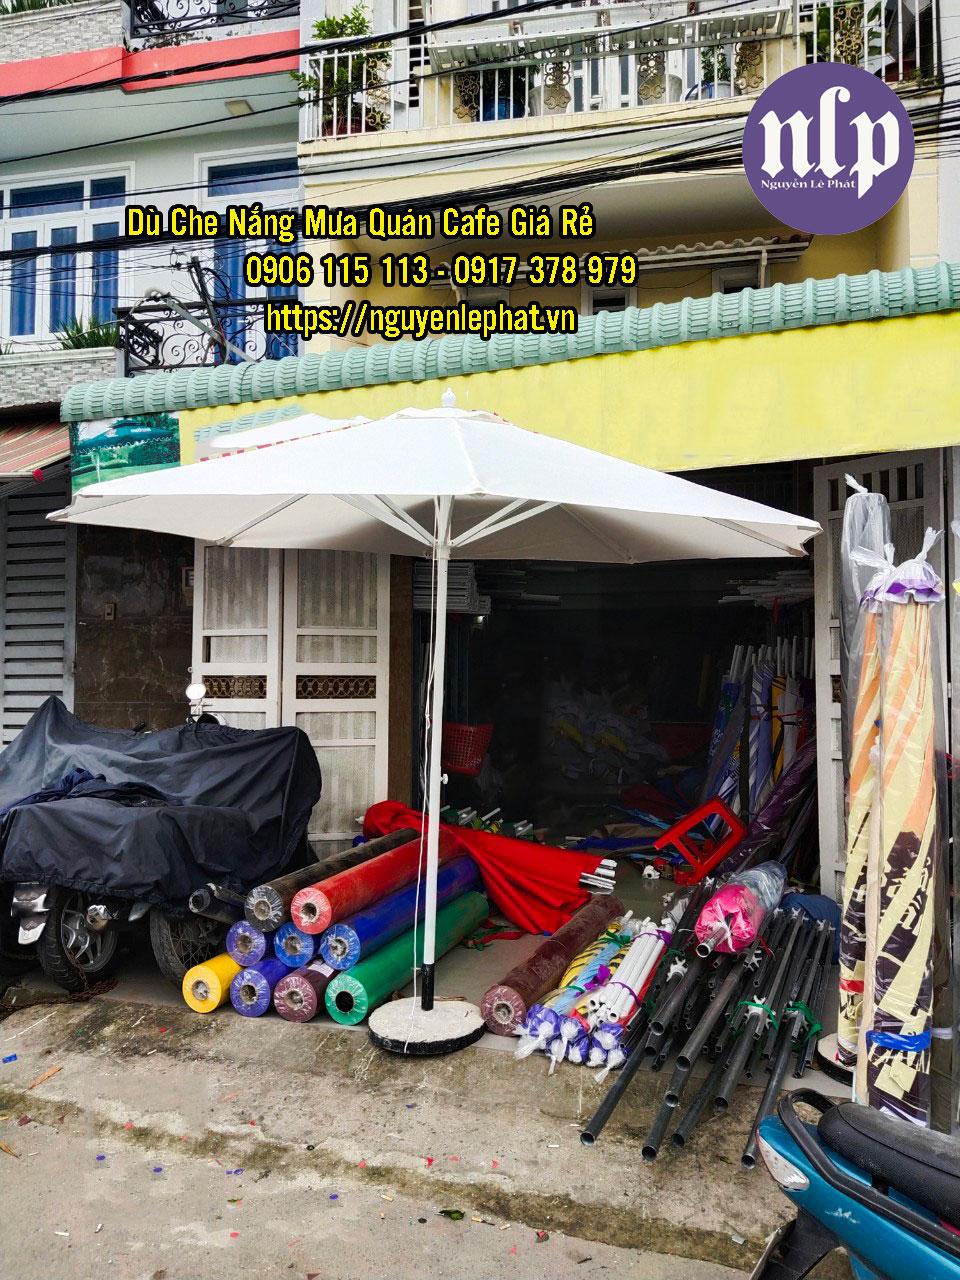 Dù Đứng tâm 1 tầng che nắng mưa quán cafe giá rẻ mẫu mới đẹp